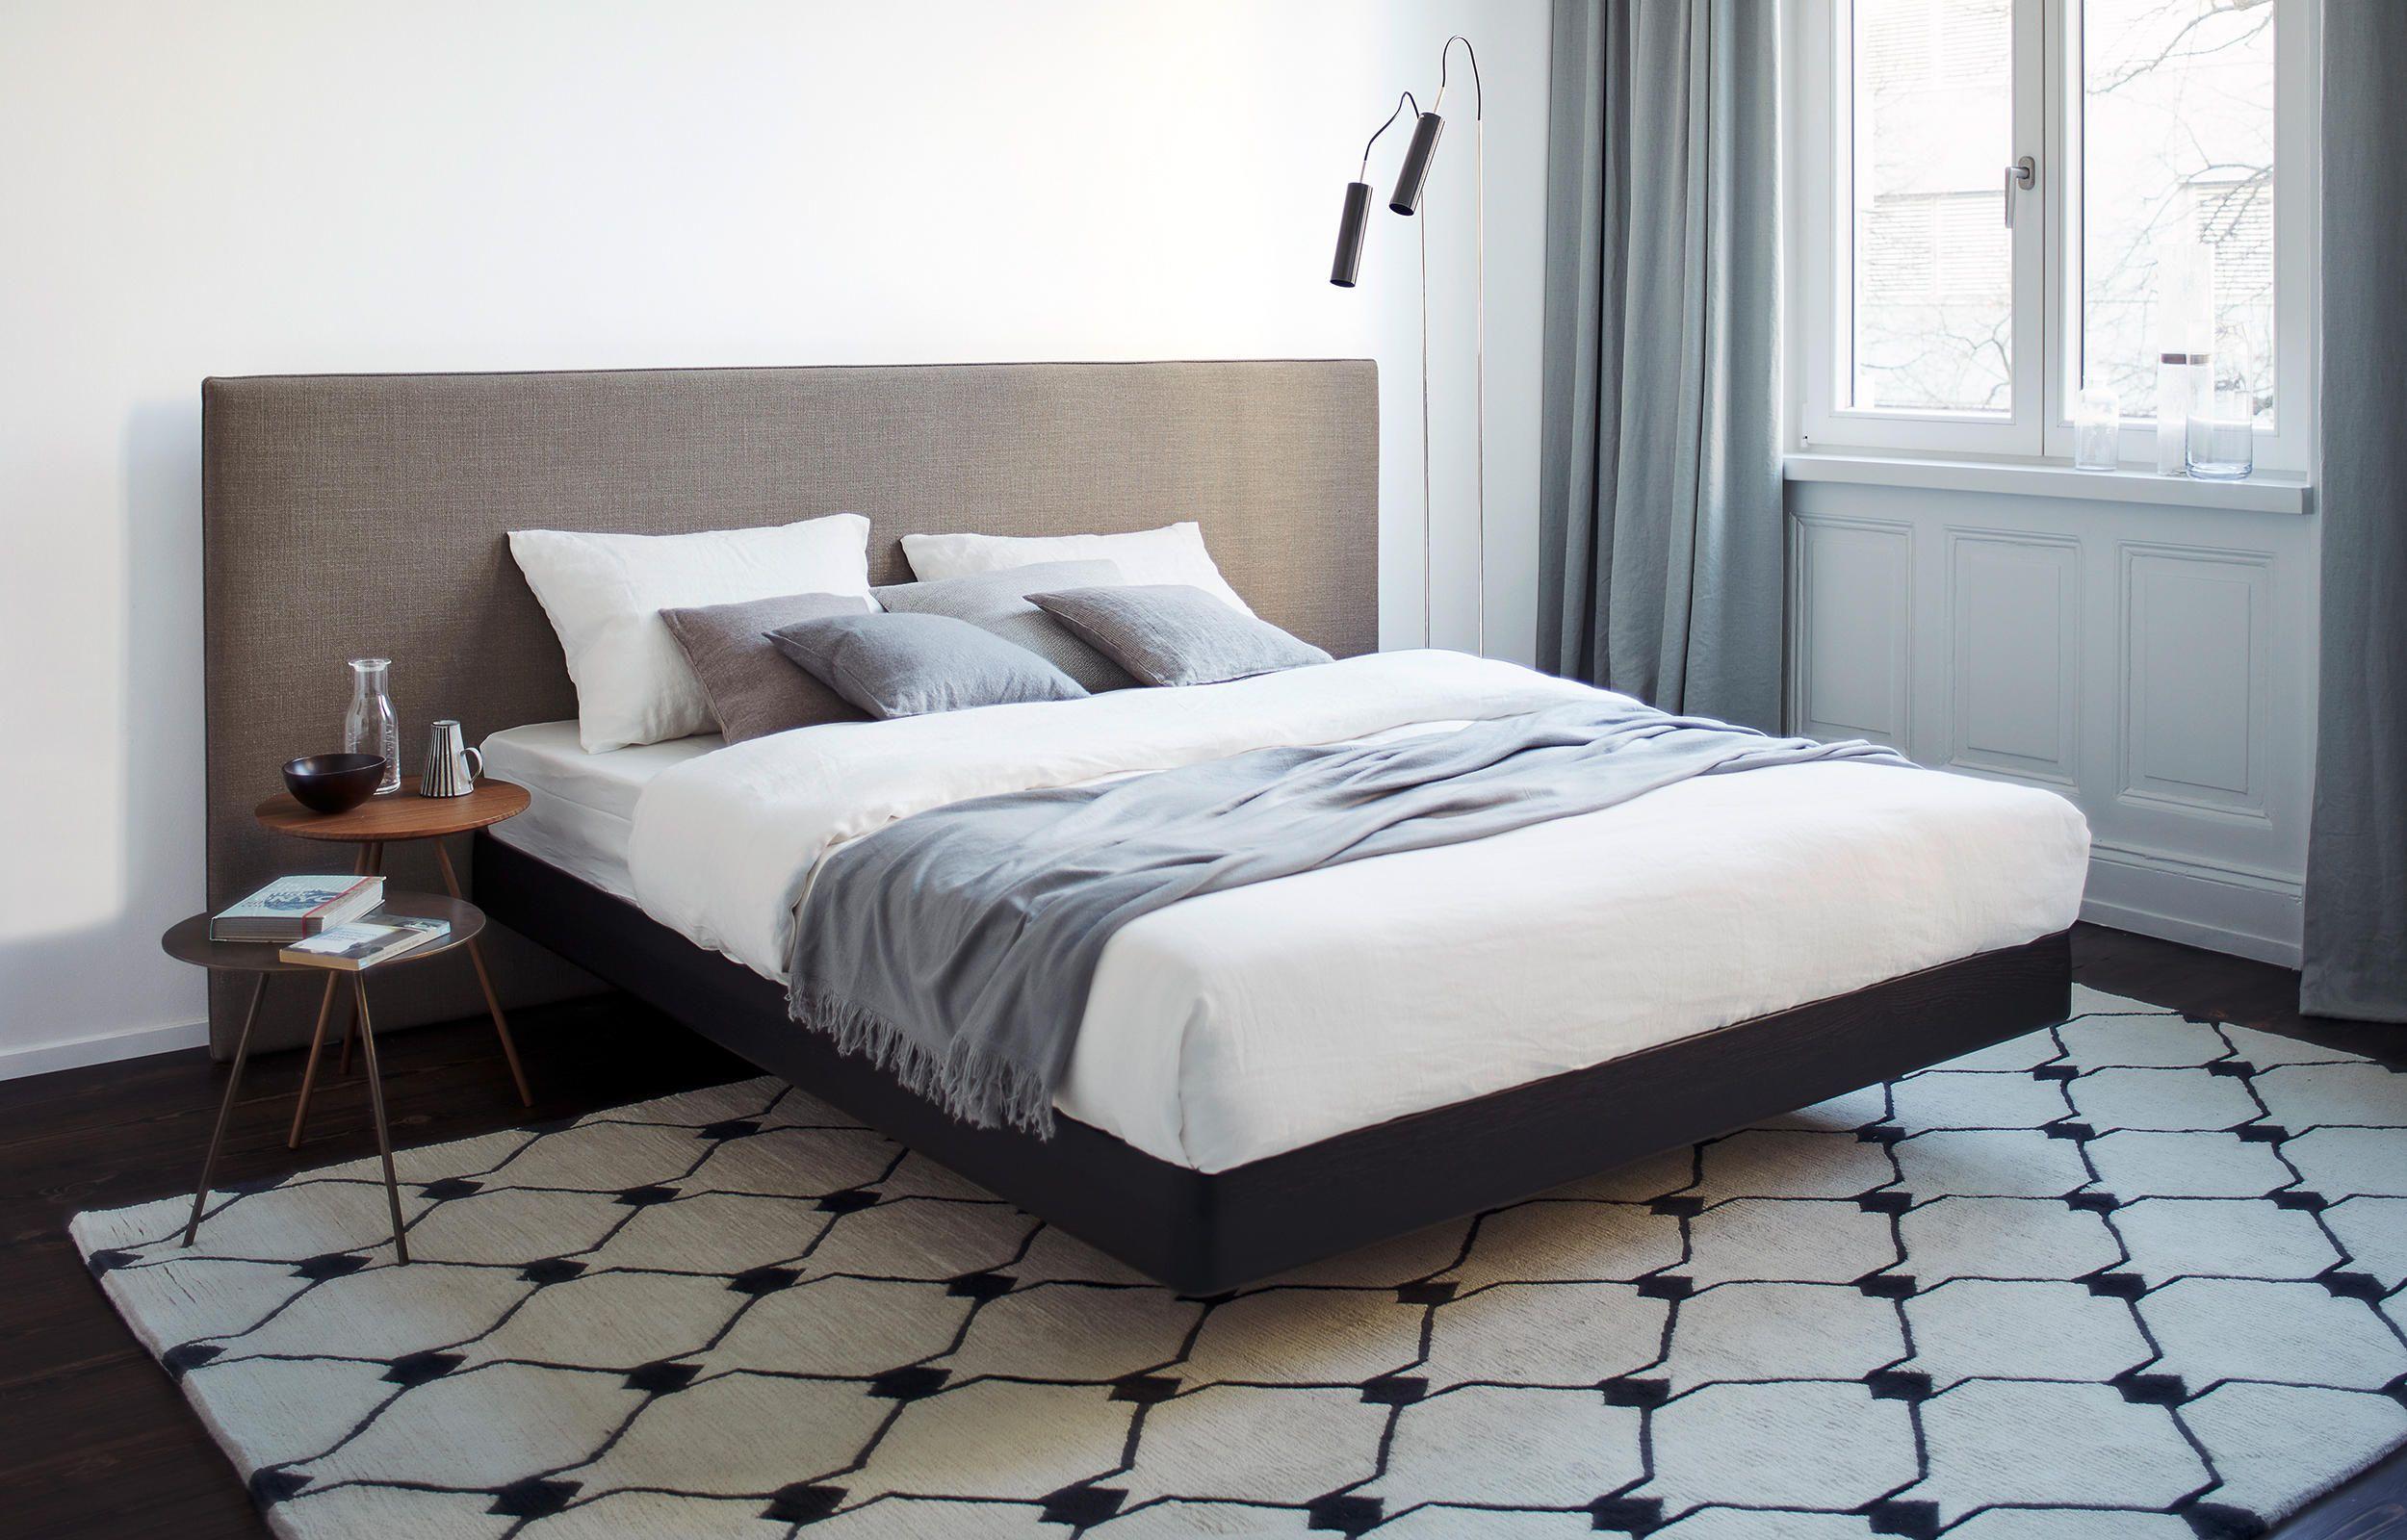 BLOW BETT   Designer Doppelbetten Von More ✓ Alle Infos ✓ Hochauflösende  Bilder ✓ CADs ✓